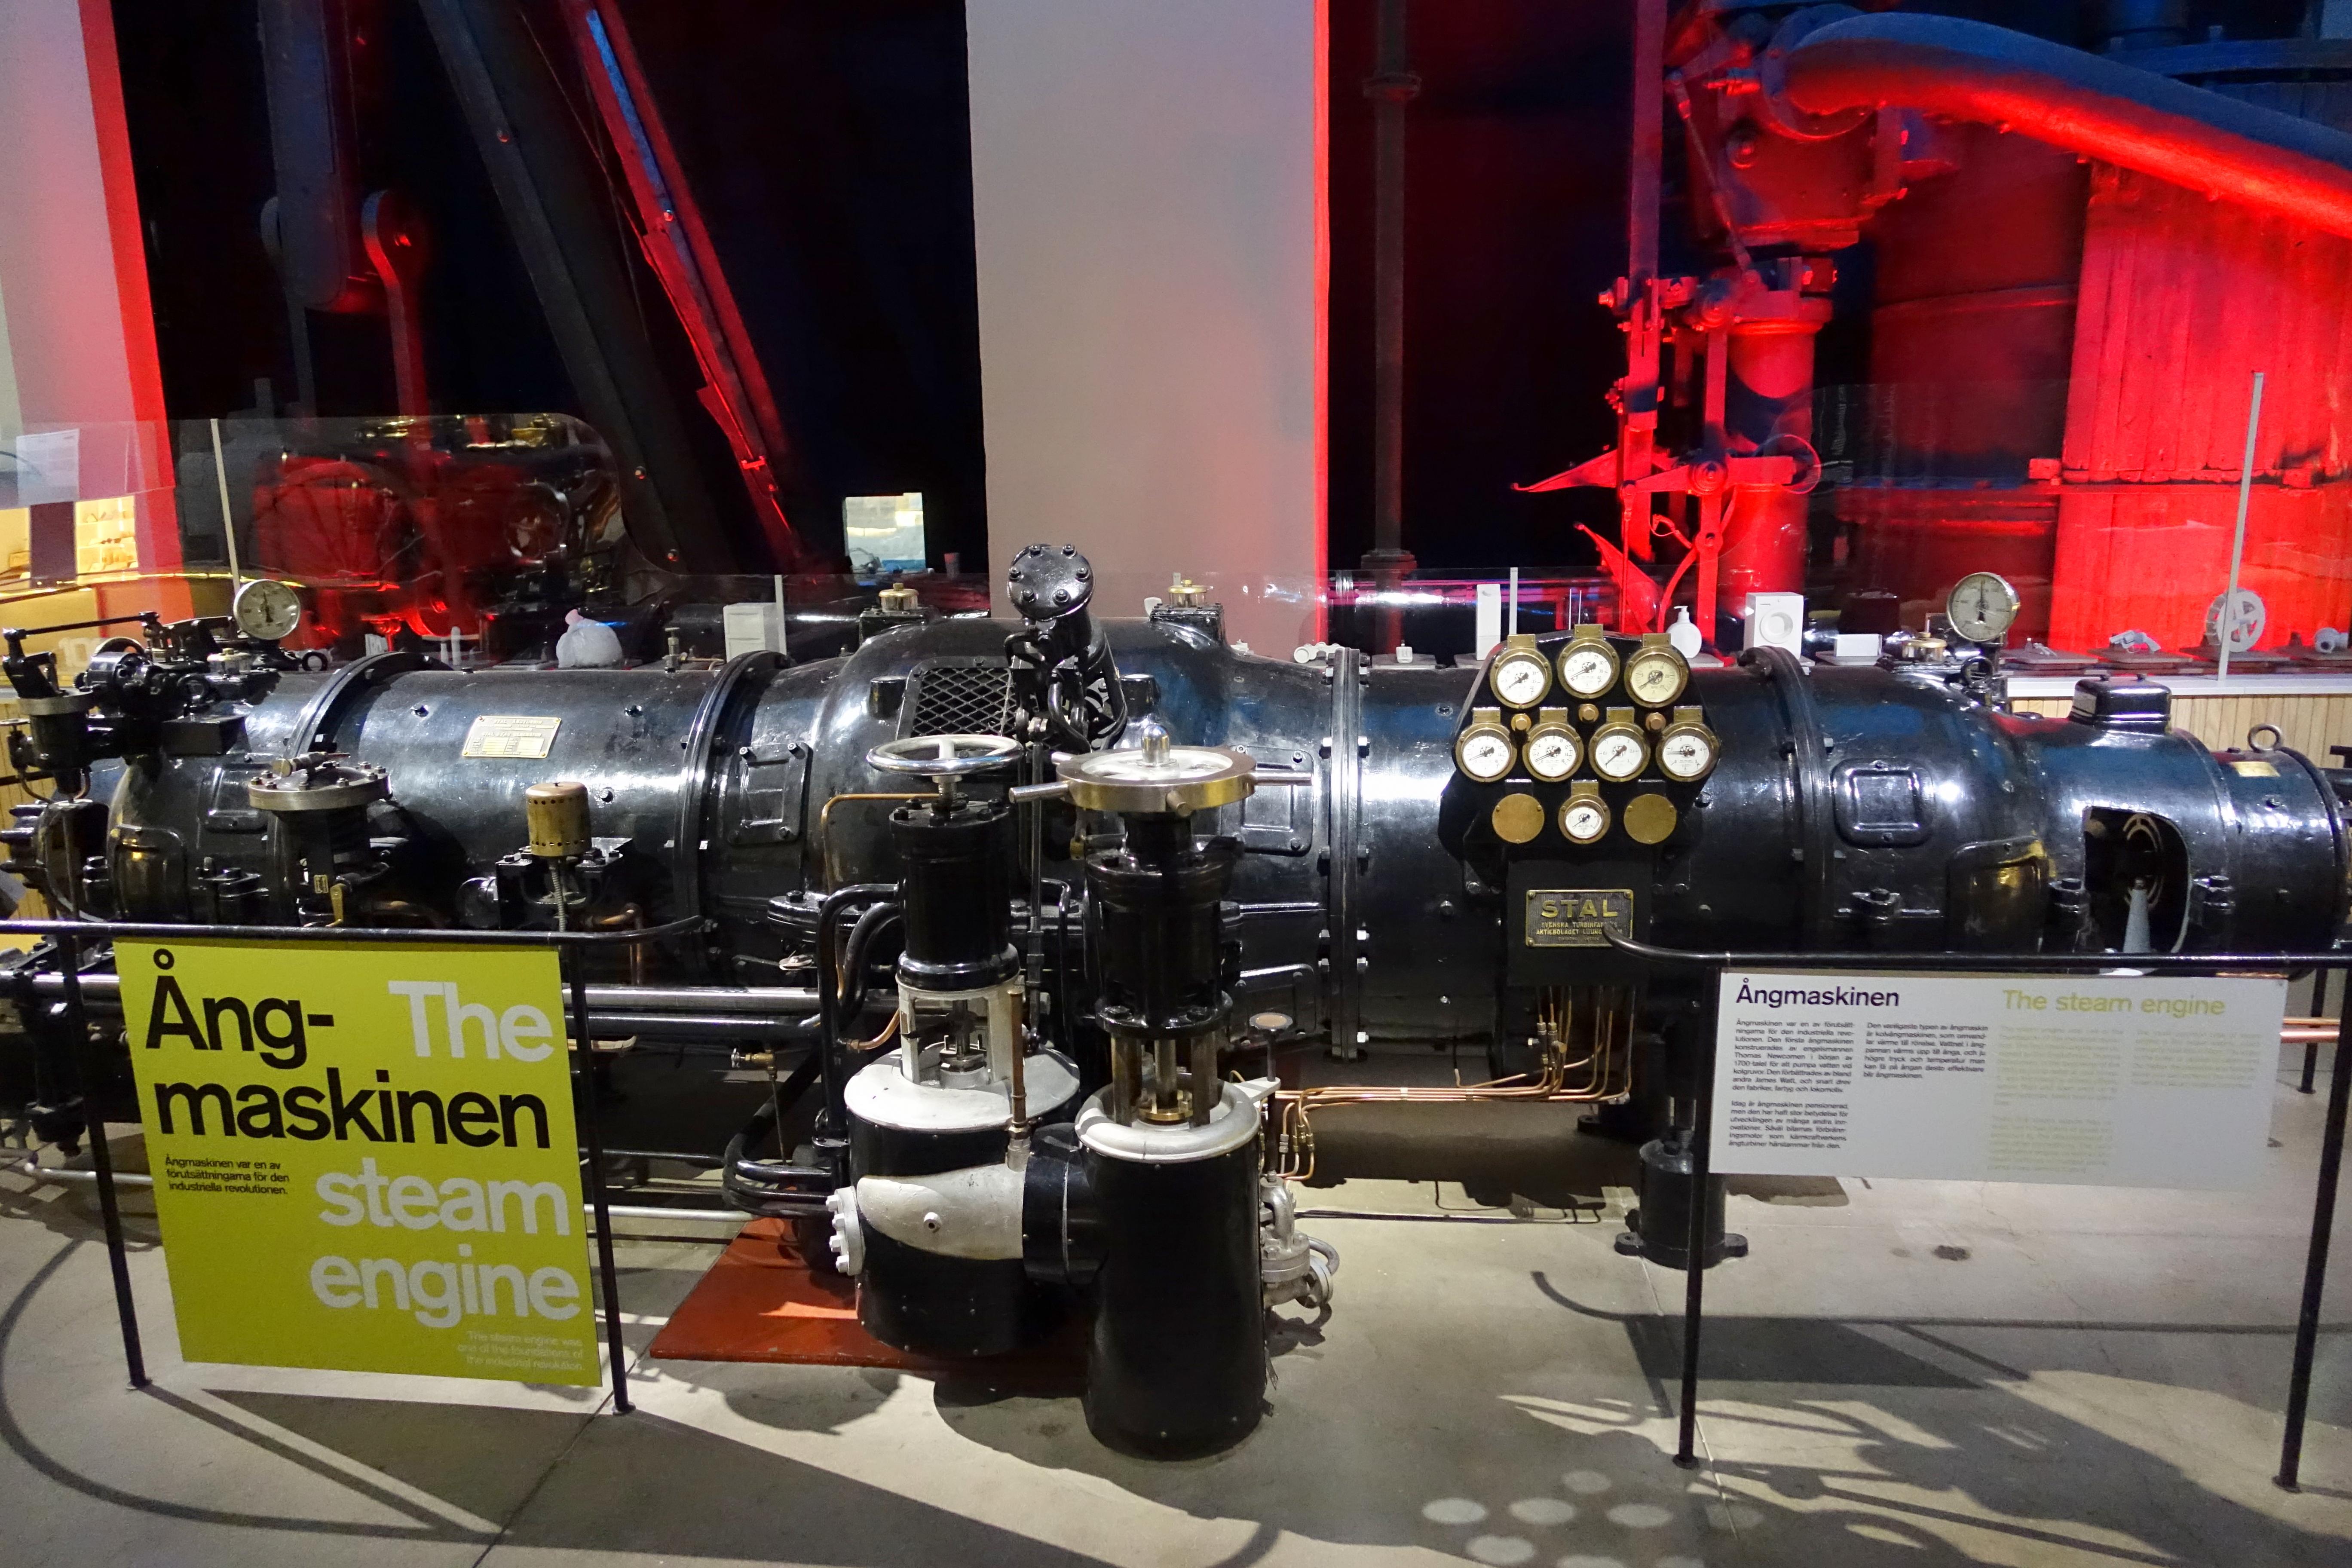 File STAL steam turbine Tekniska museet Stockholm Sweden